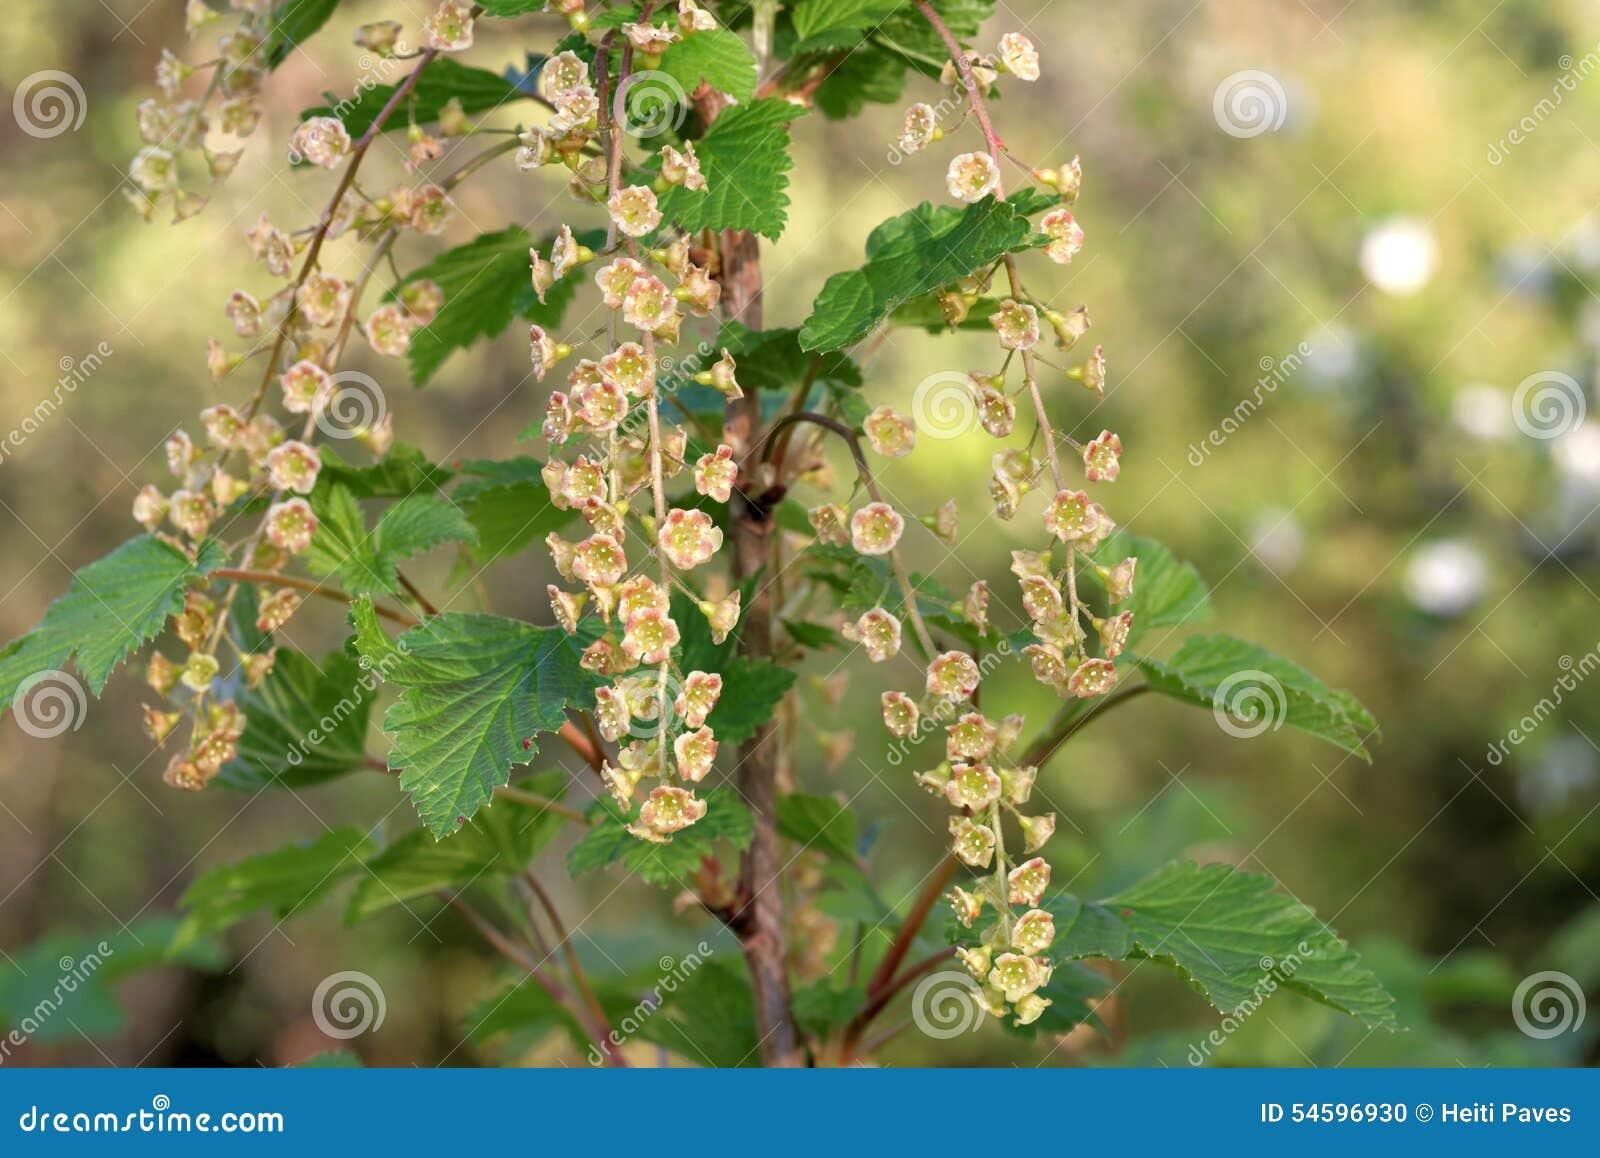 Bloemen van rode aalbes